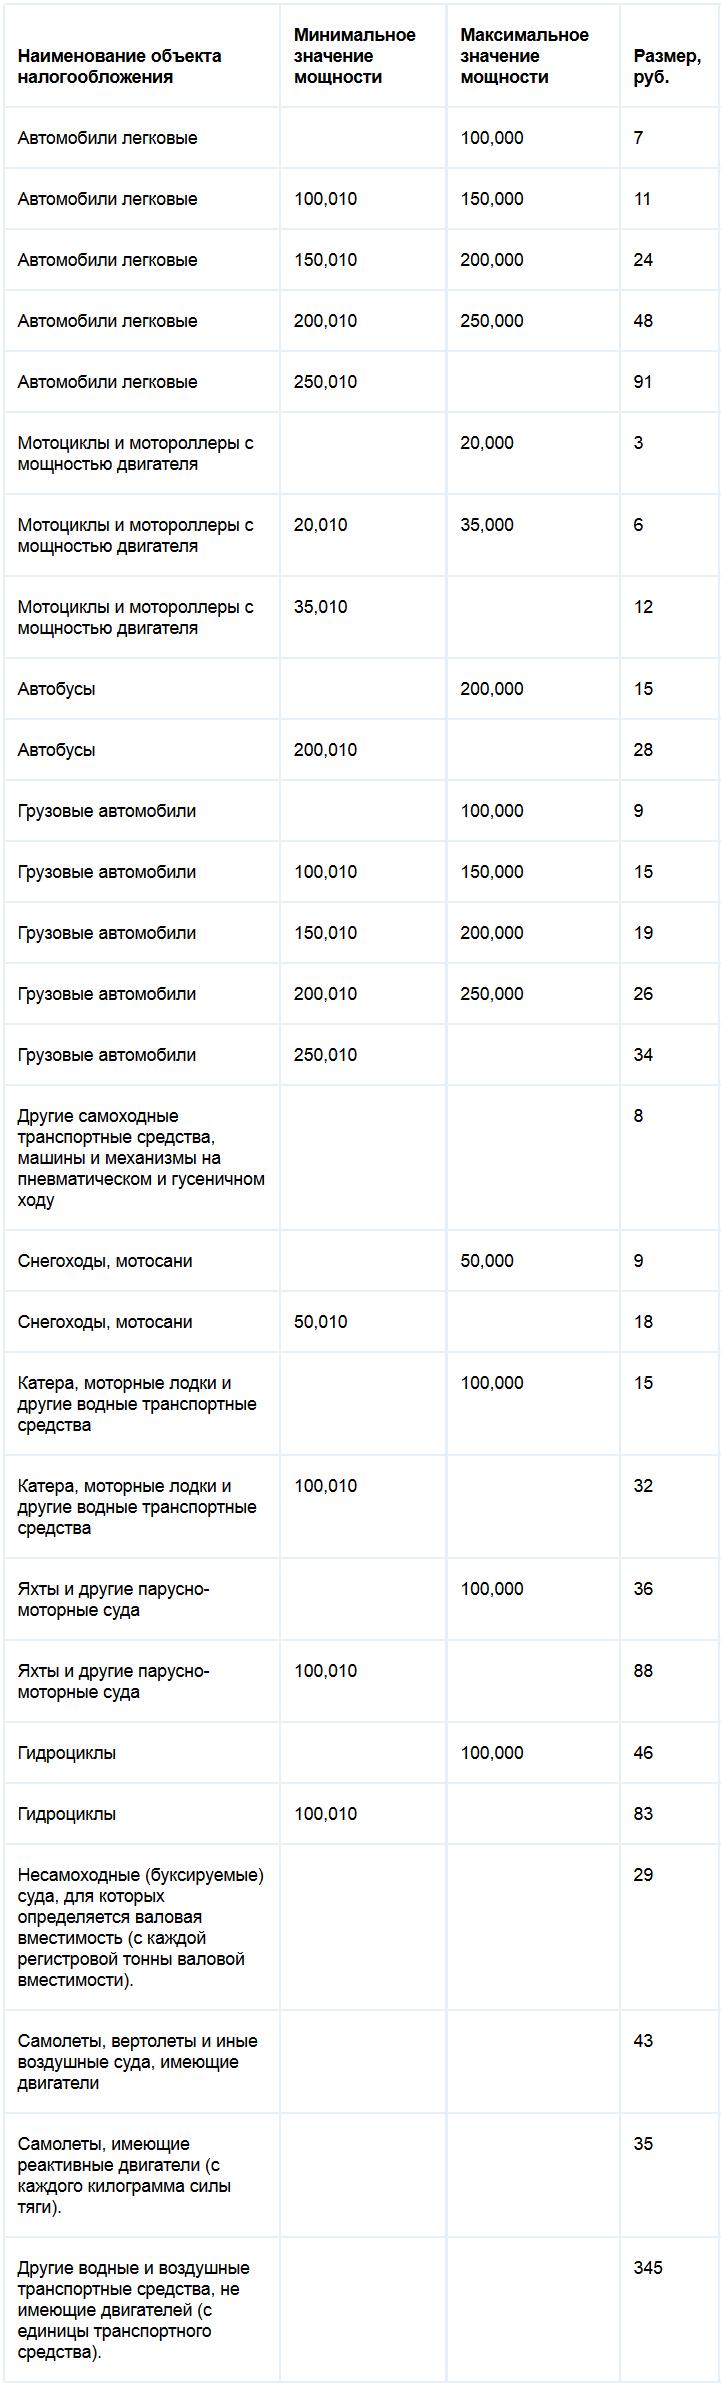 Ставки транспортного налога Чеченской республики